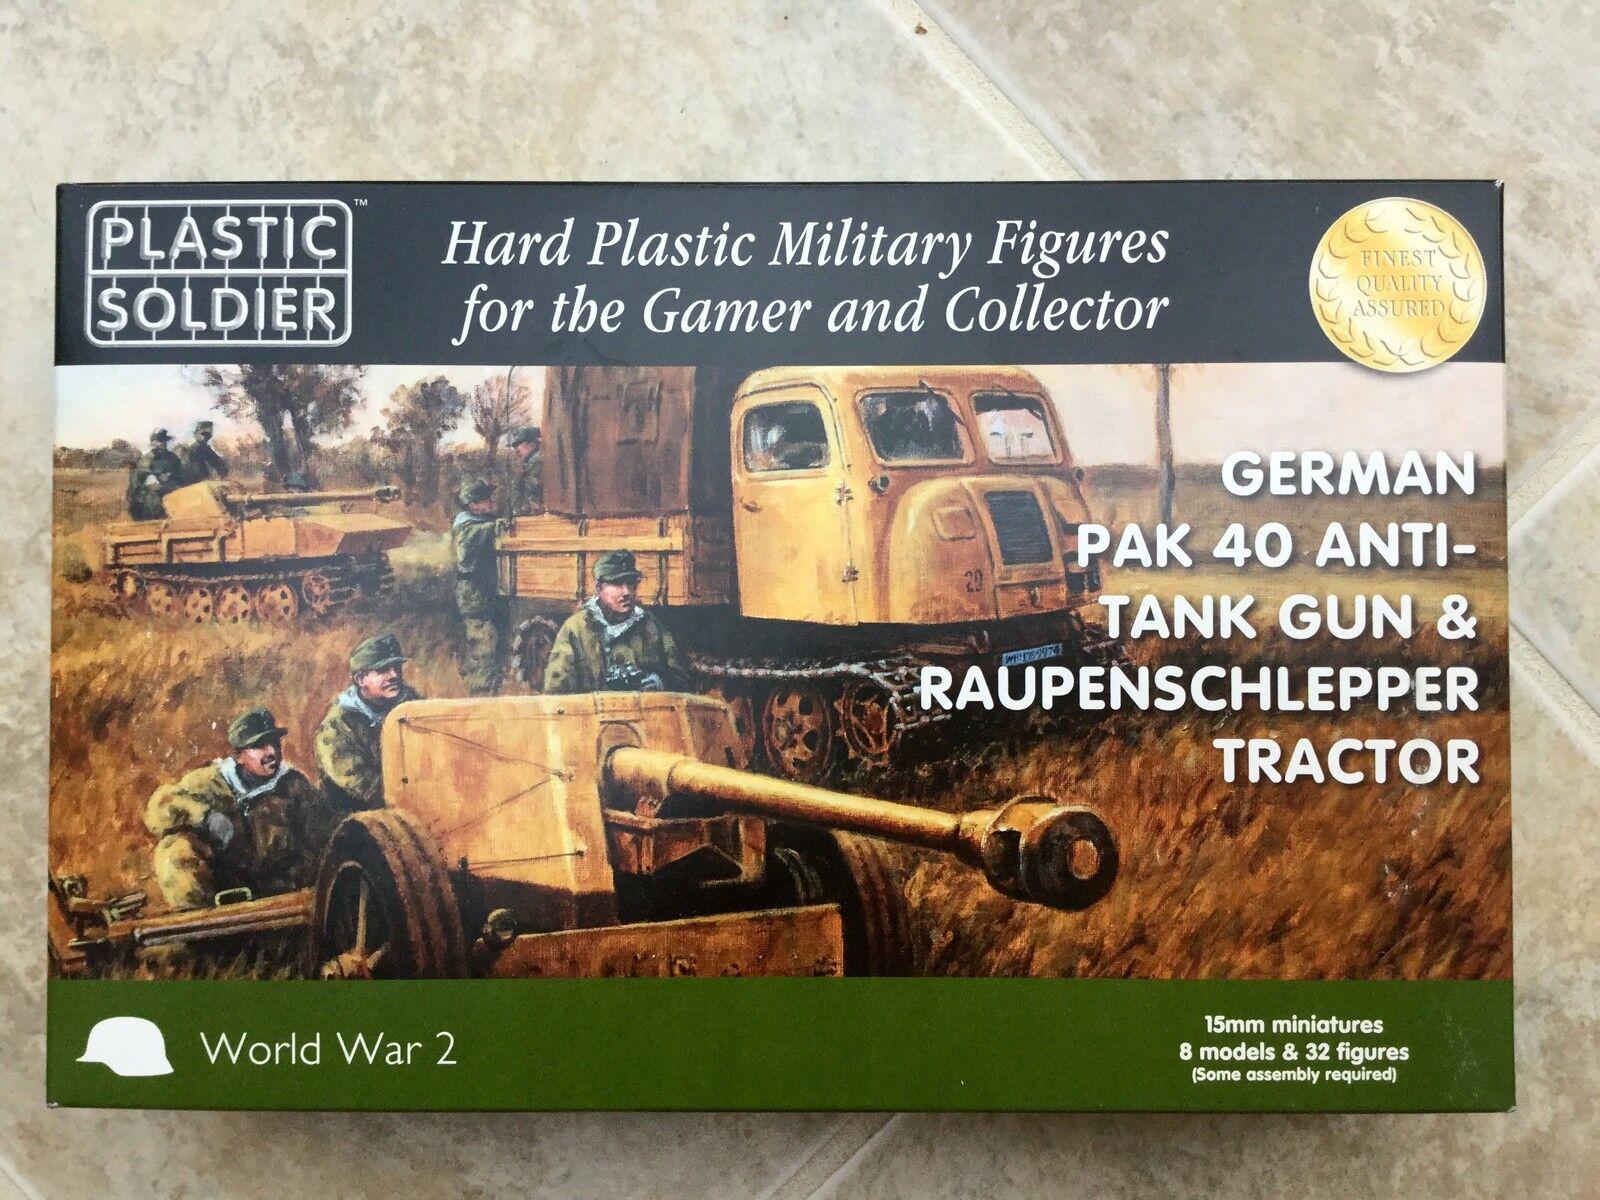 PLASTIC SOLDIER 15 MM WW II GERMAN PAK 40 ANTI-TANK GUN & TRACTOR NIB